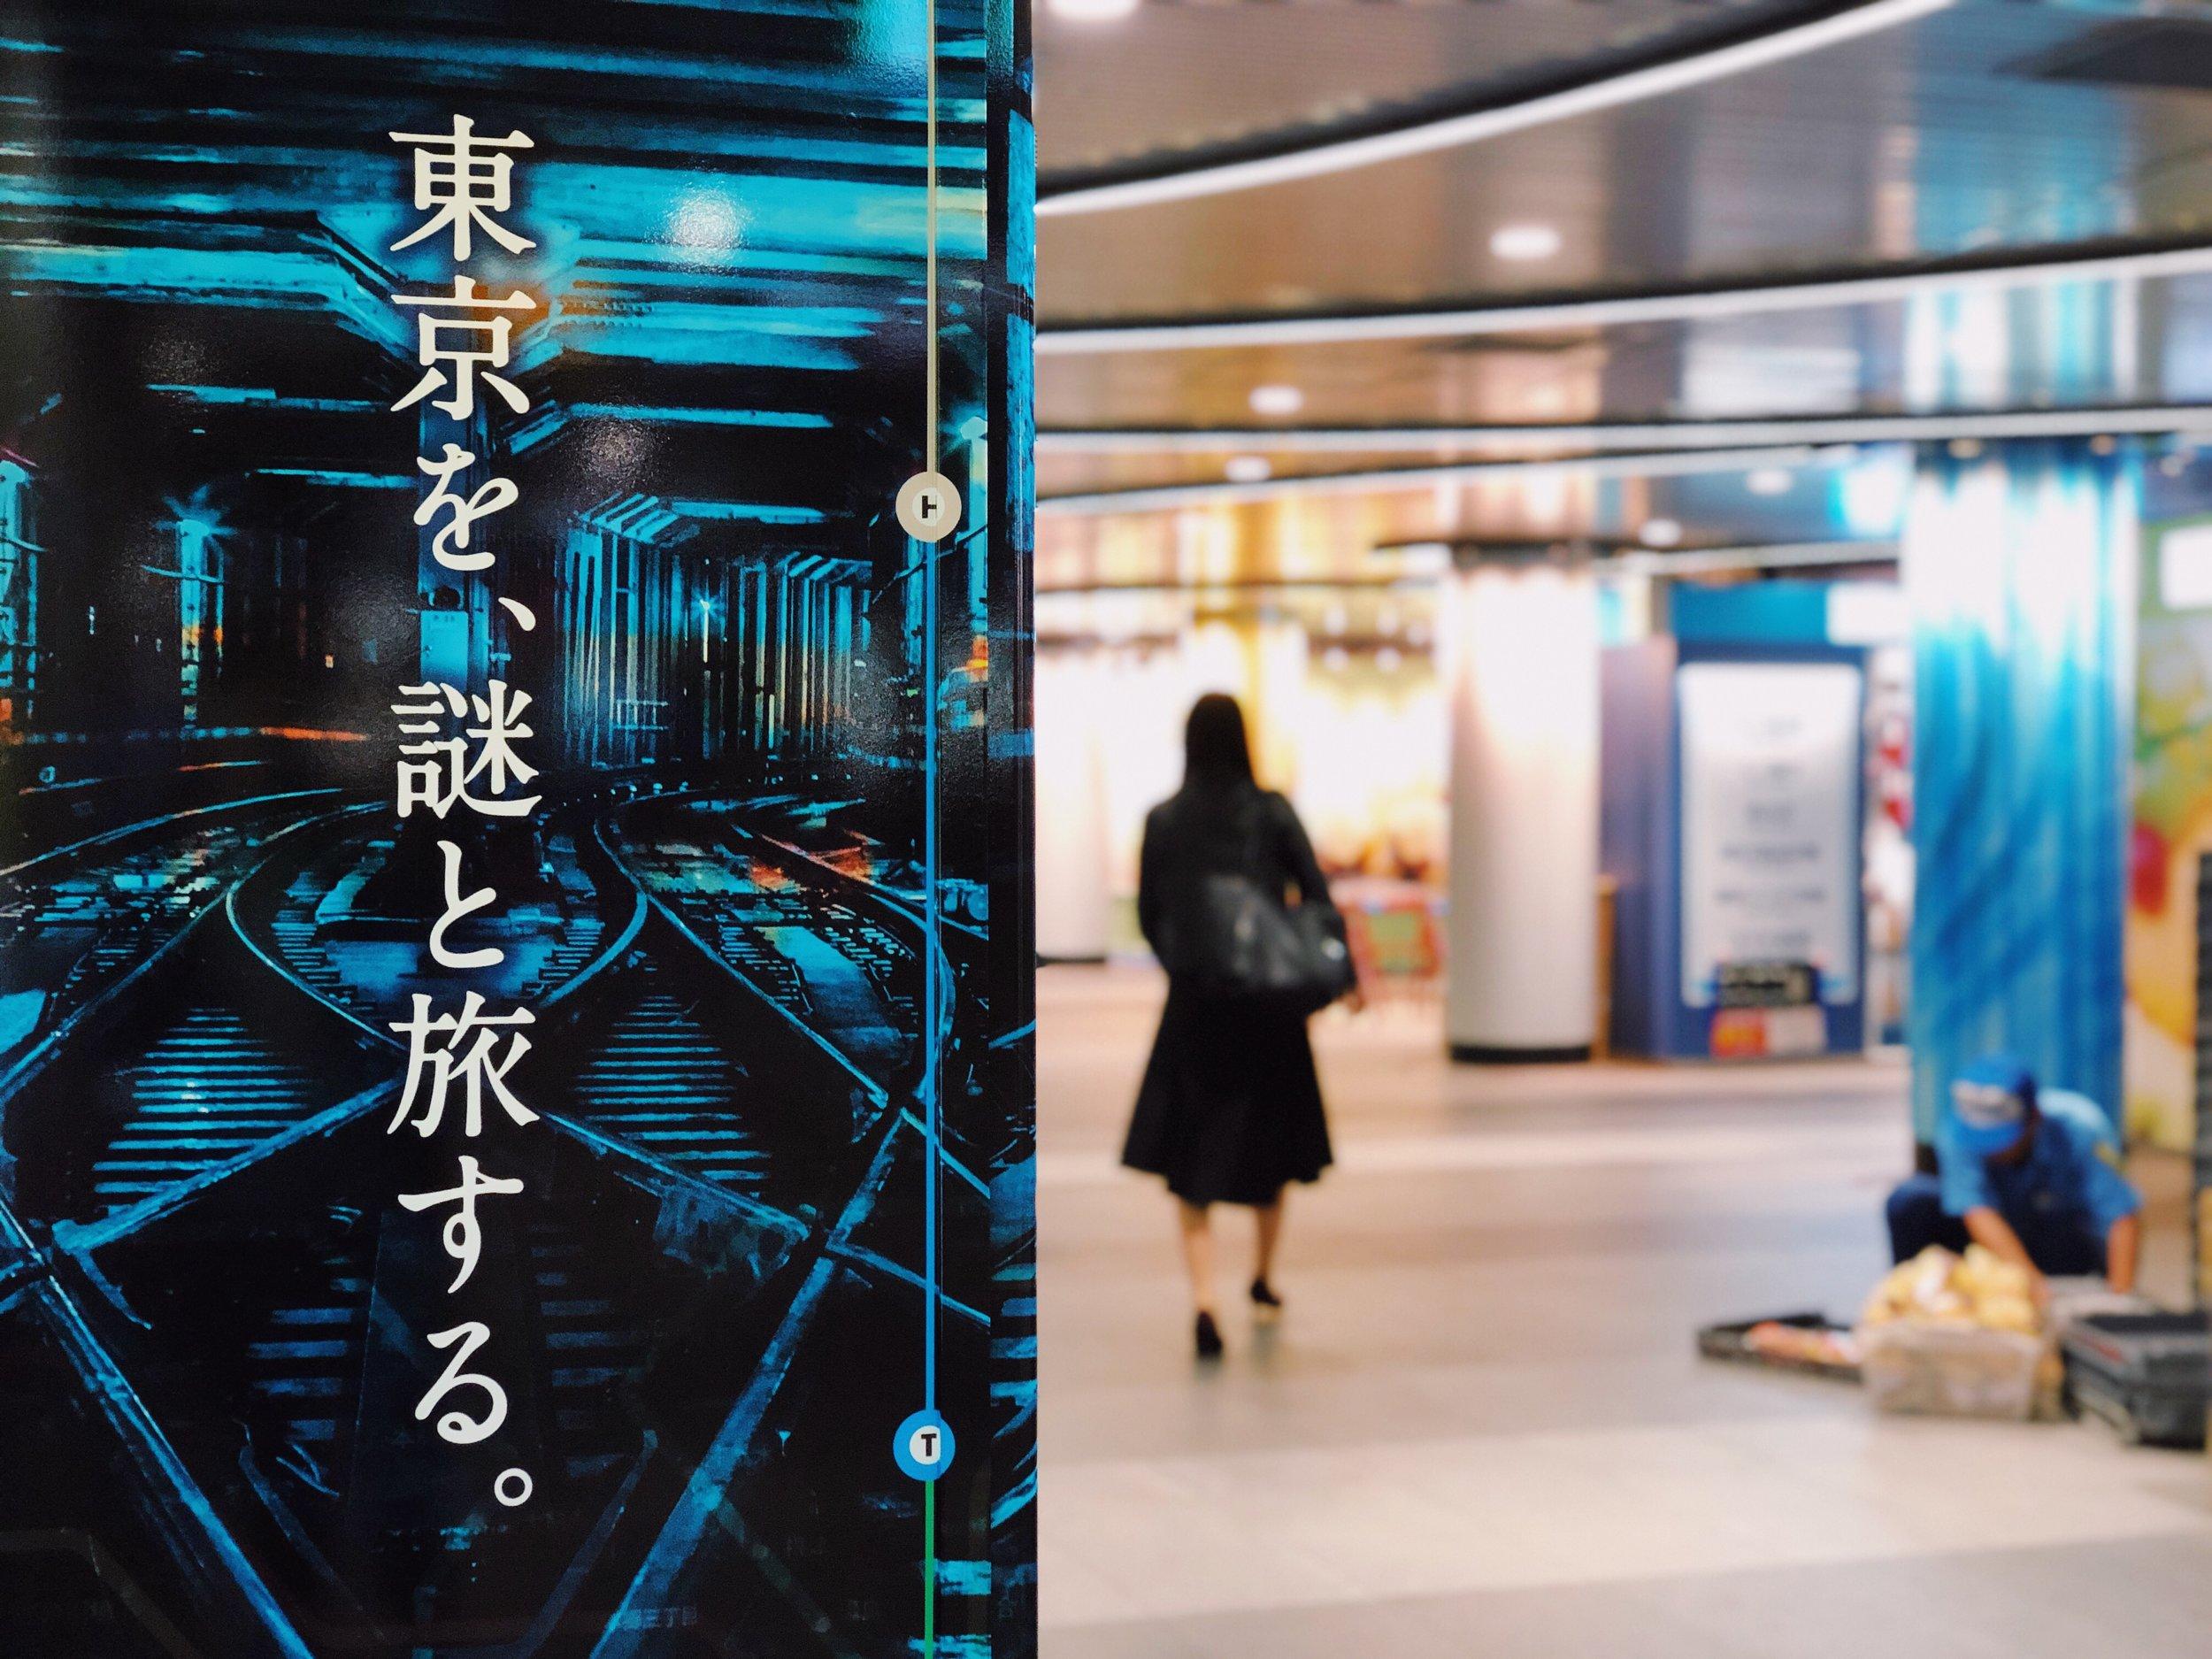 可有想過,乘搭地鐵也可以是一場解開謎題的旅行?